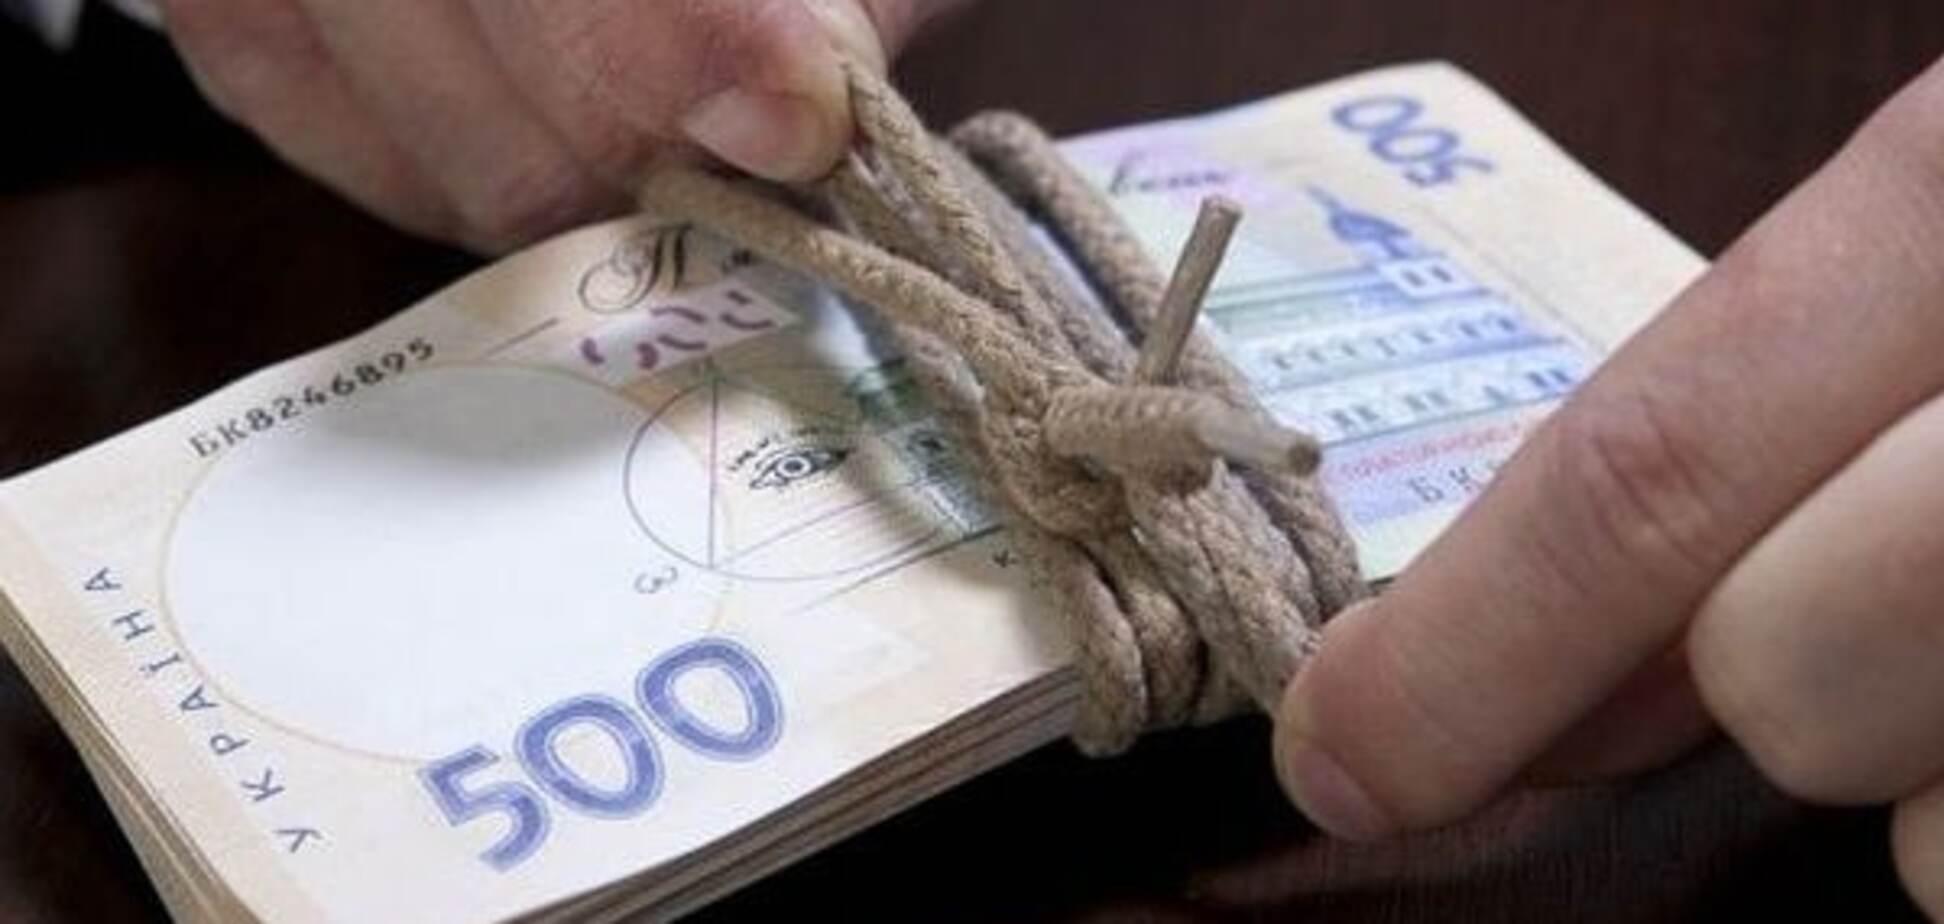 'Кошки-мышки' Налогового кодекса: Минфин расставил капканы украинскому бизнесу